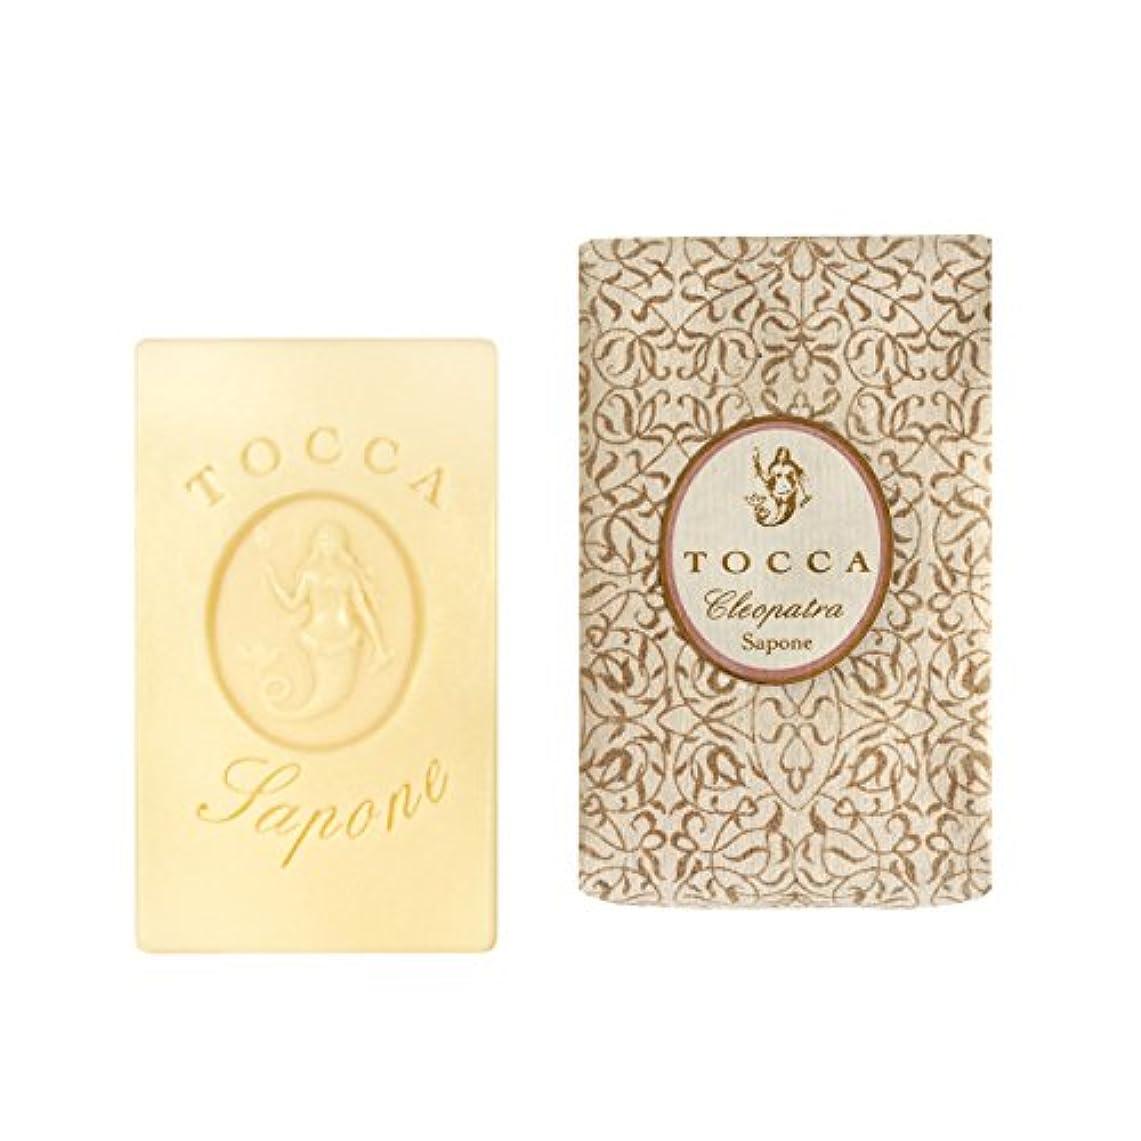 許さない特別に小説トッカ(TOCCA) ソープバー クレオパトラの香り 113g(石けん 化粧石けん グレープフルーツとキューカンバーのフレッシュでクリーンな香り)